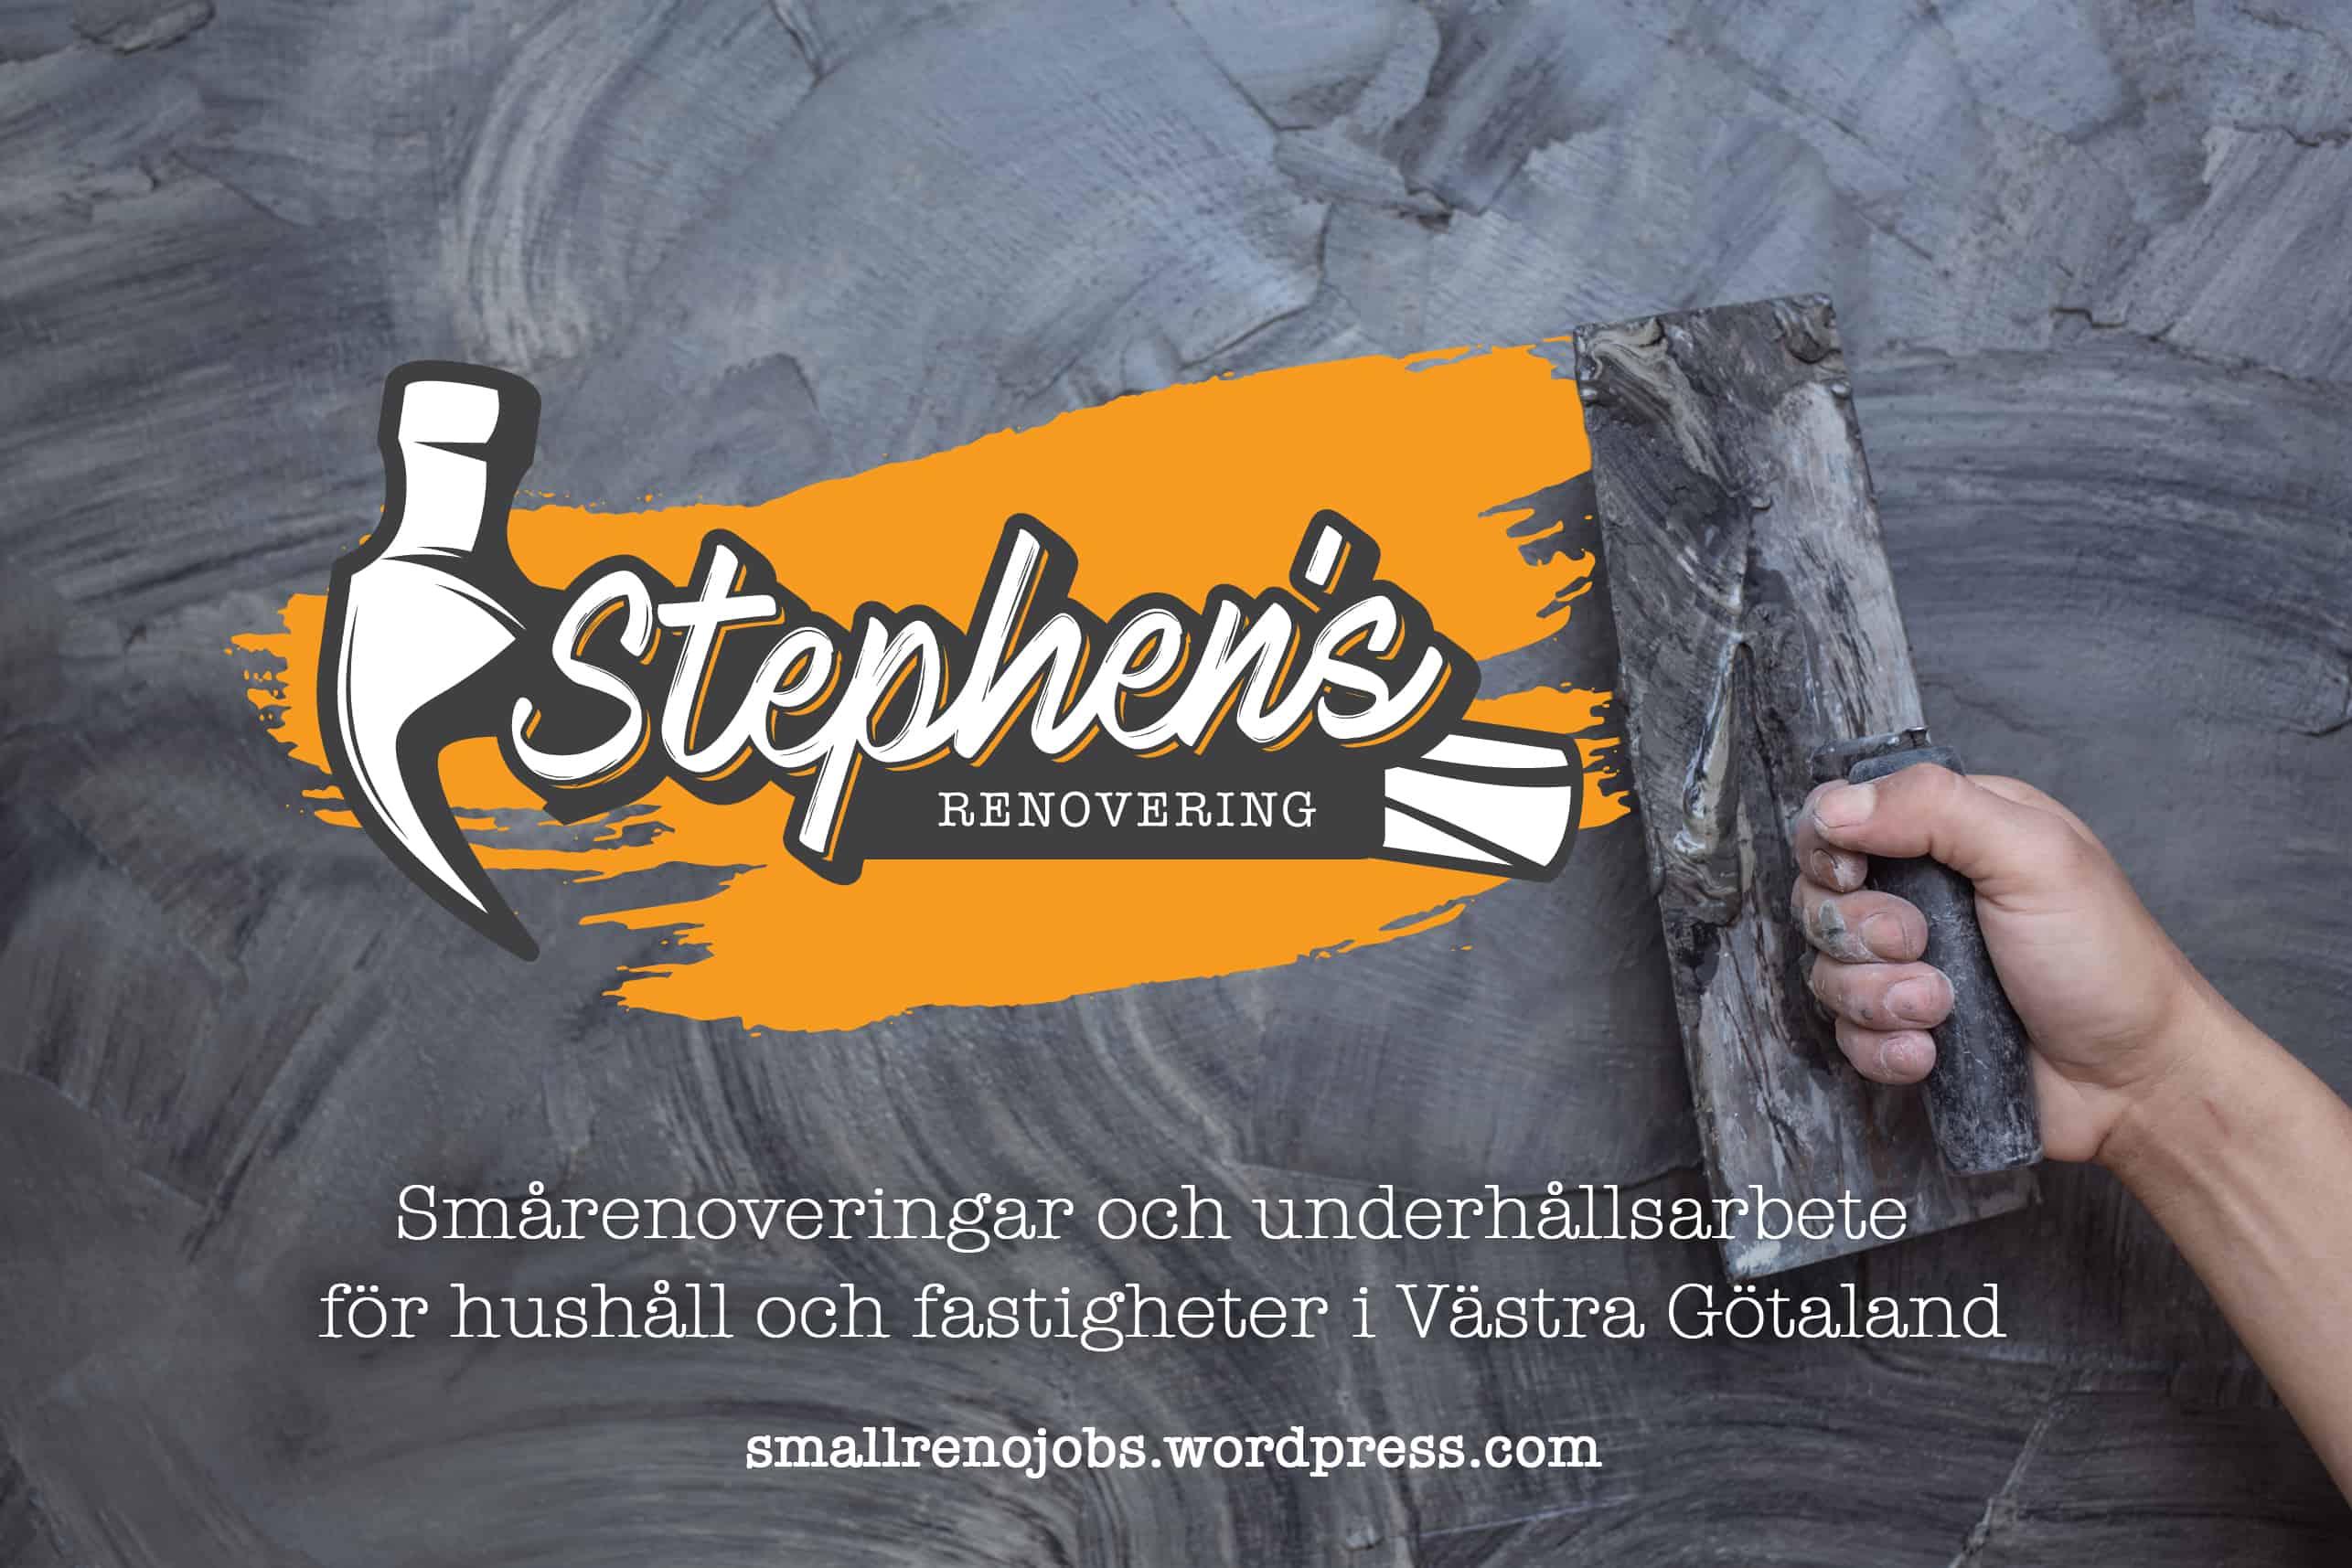 """Referensjobb """""""" utfört av Stephen's Renovering"""